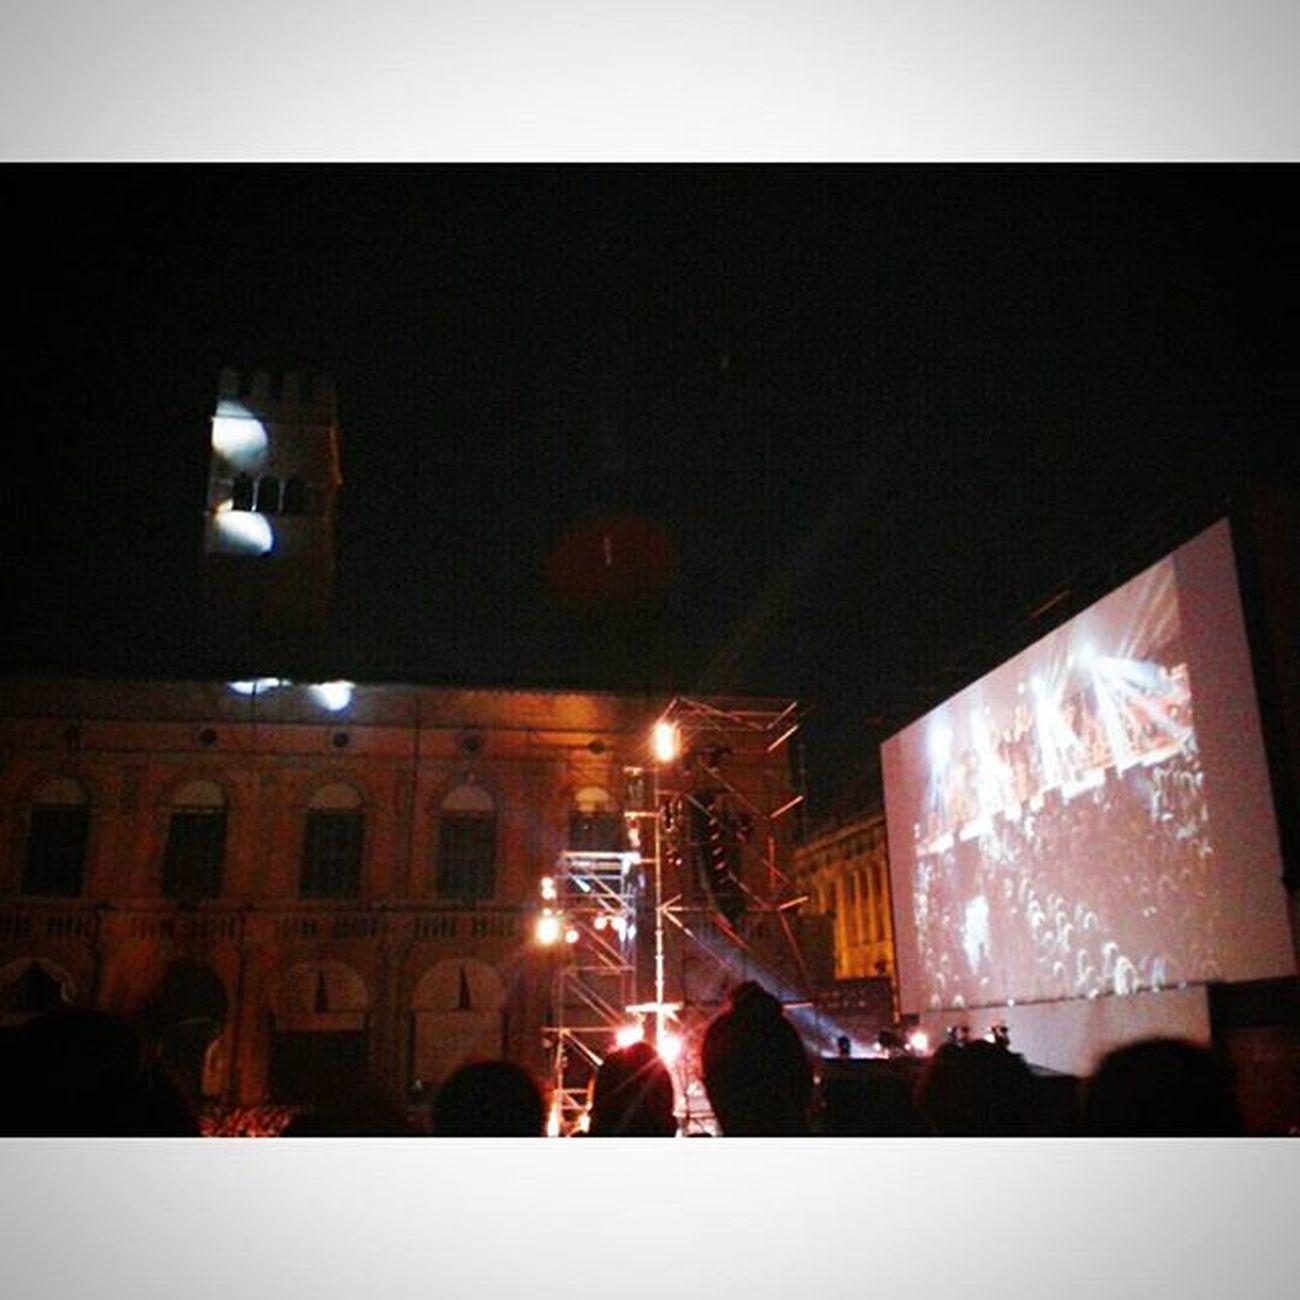 Cnabologna70 Cnabologna Piazzamaggiore Igersemiliaromagna Ig_bologna Igersbologna Bologna Concerto Music Degregori